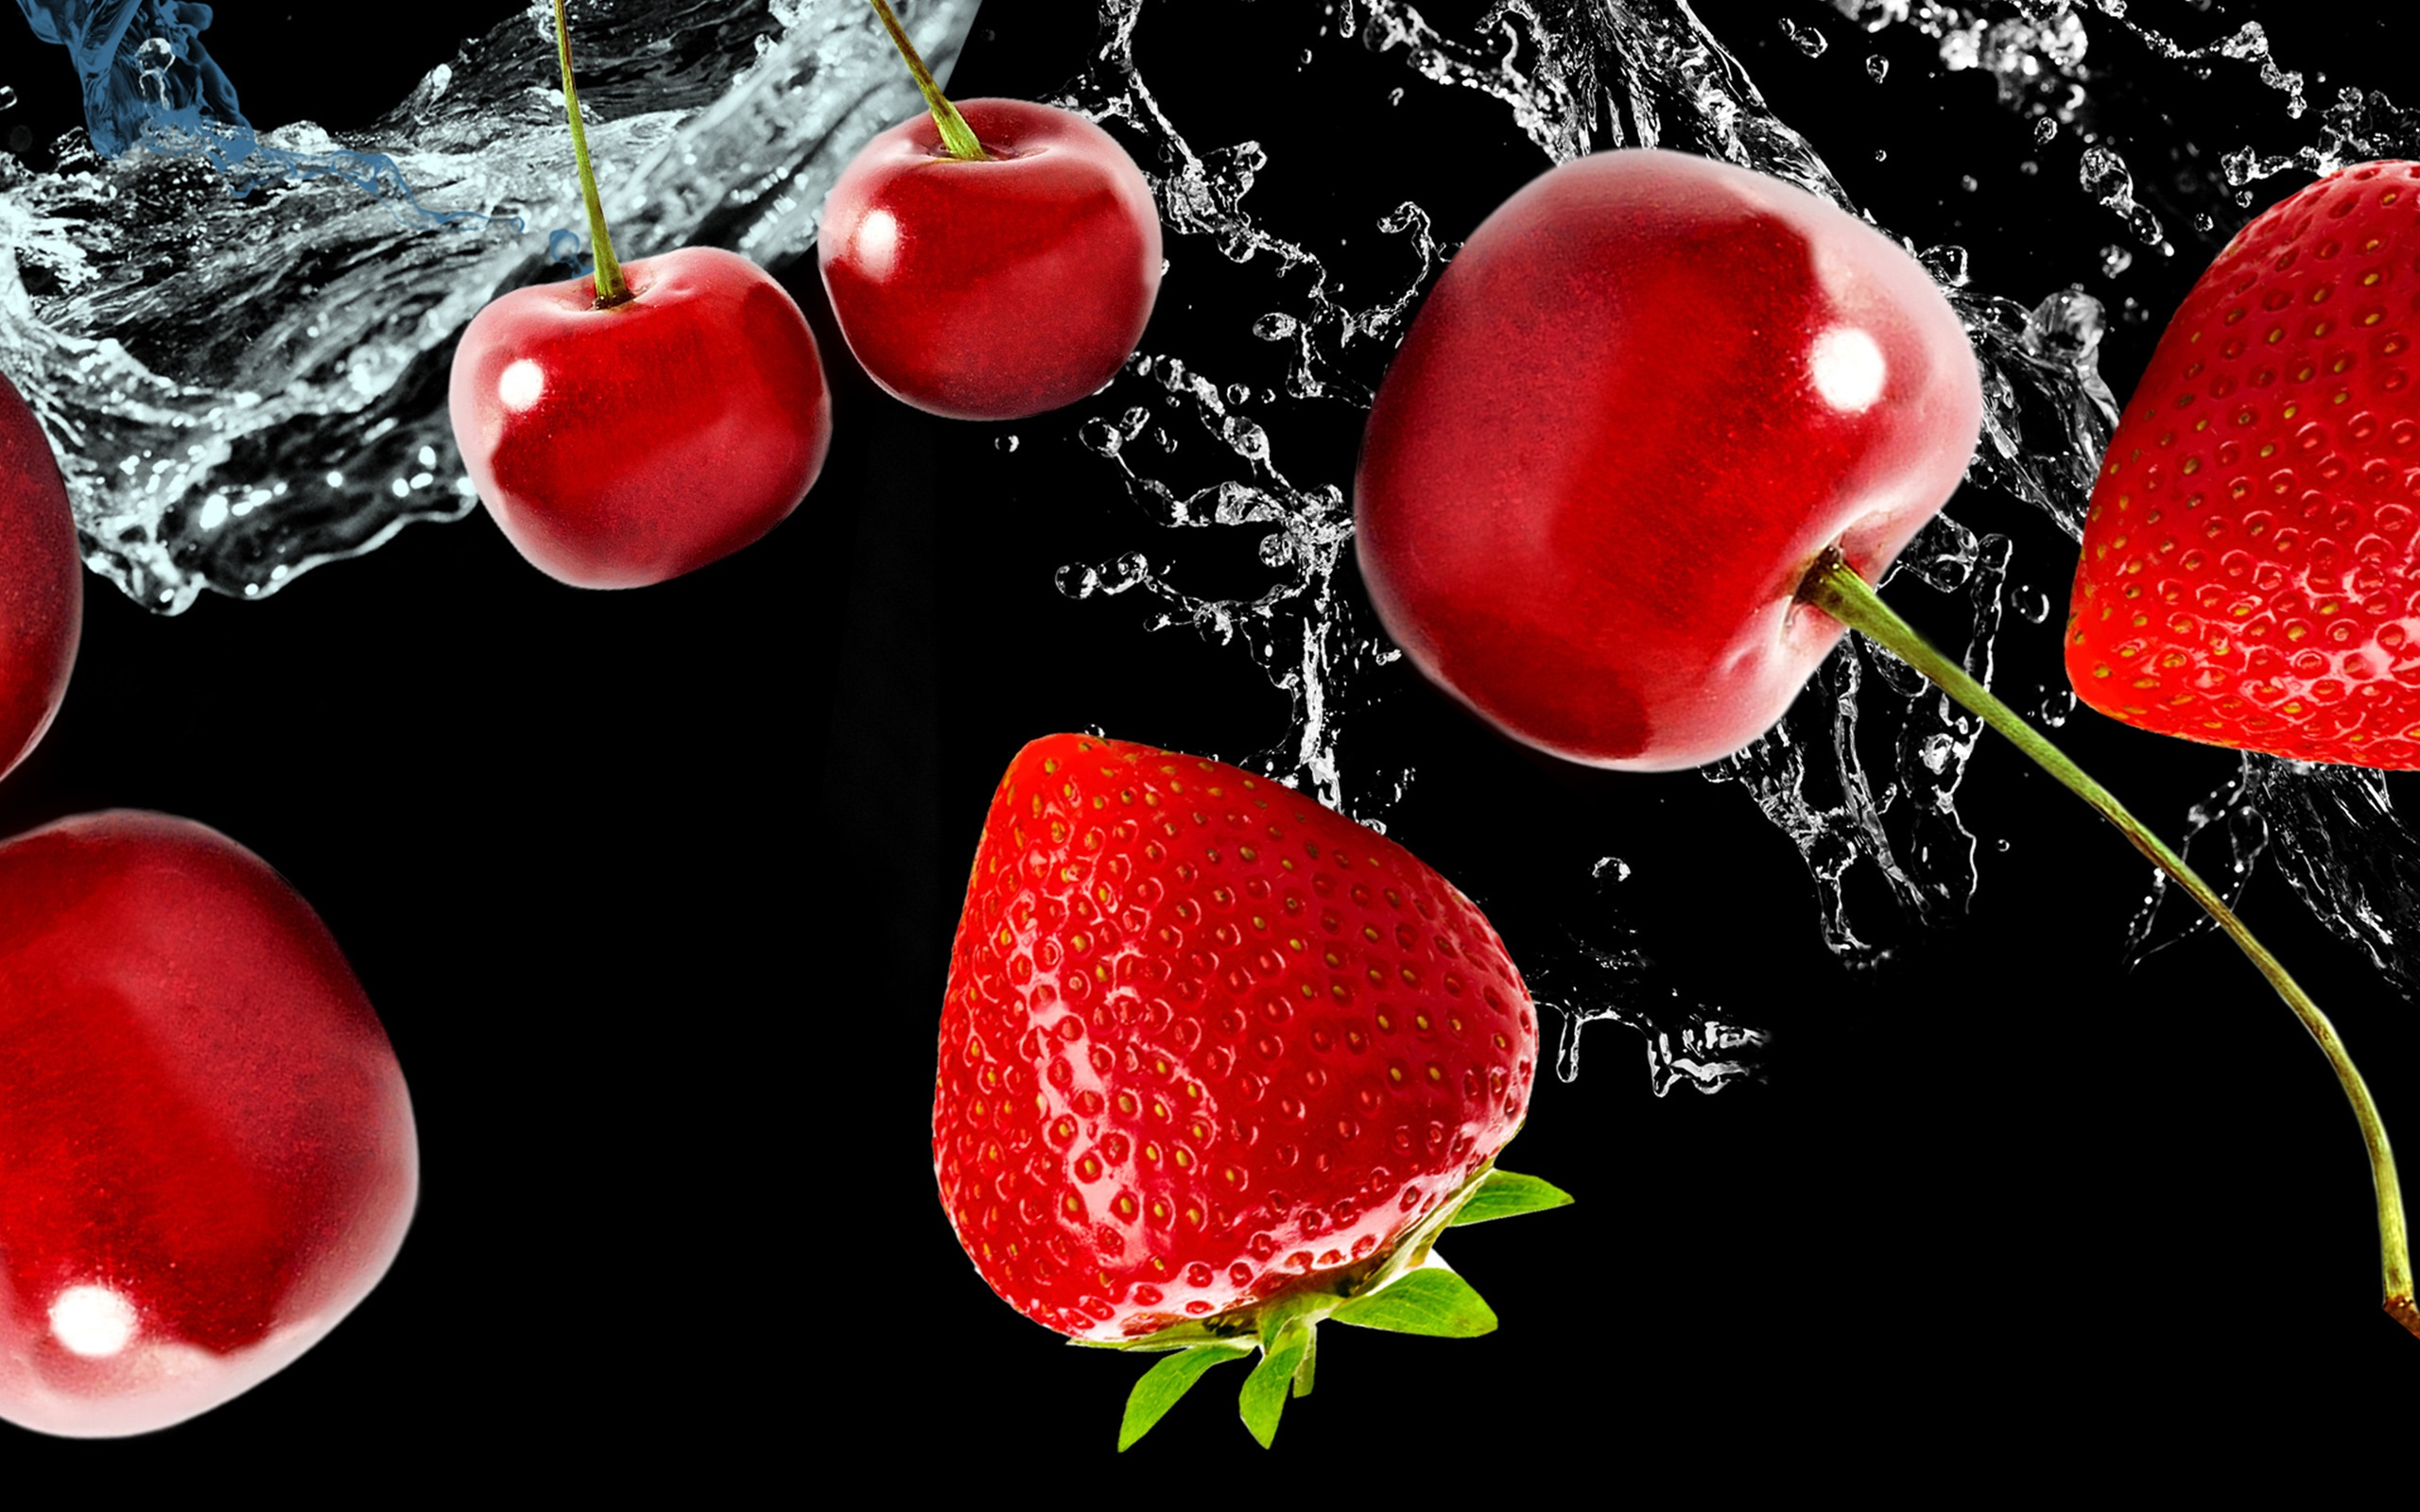 картинки фрукты в воде вертикальные поехали катакомбы палермо